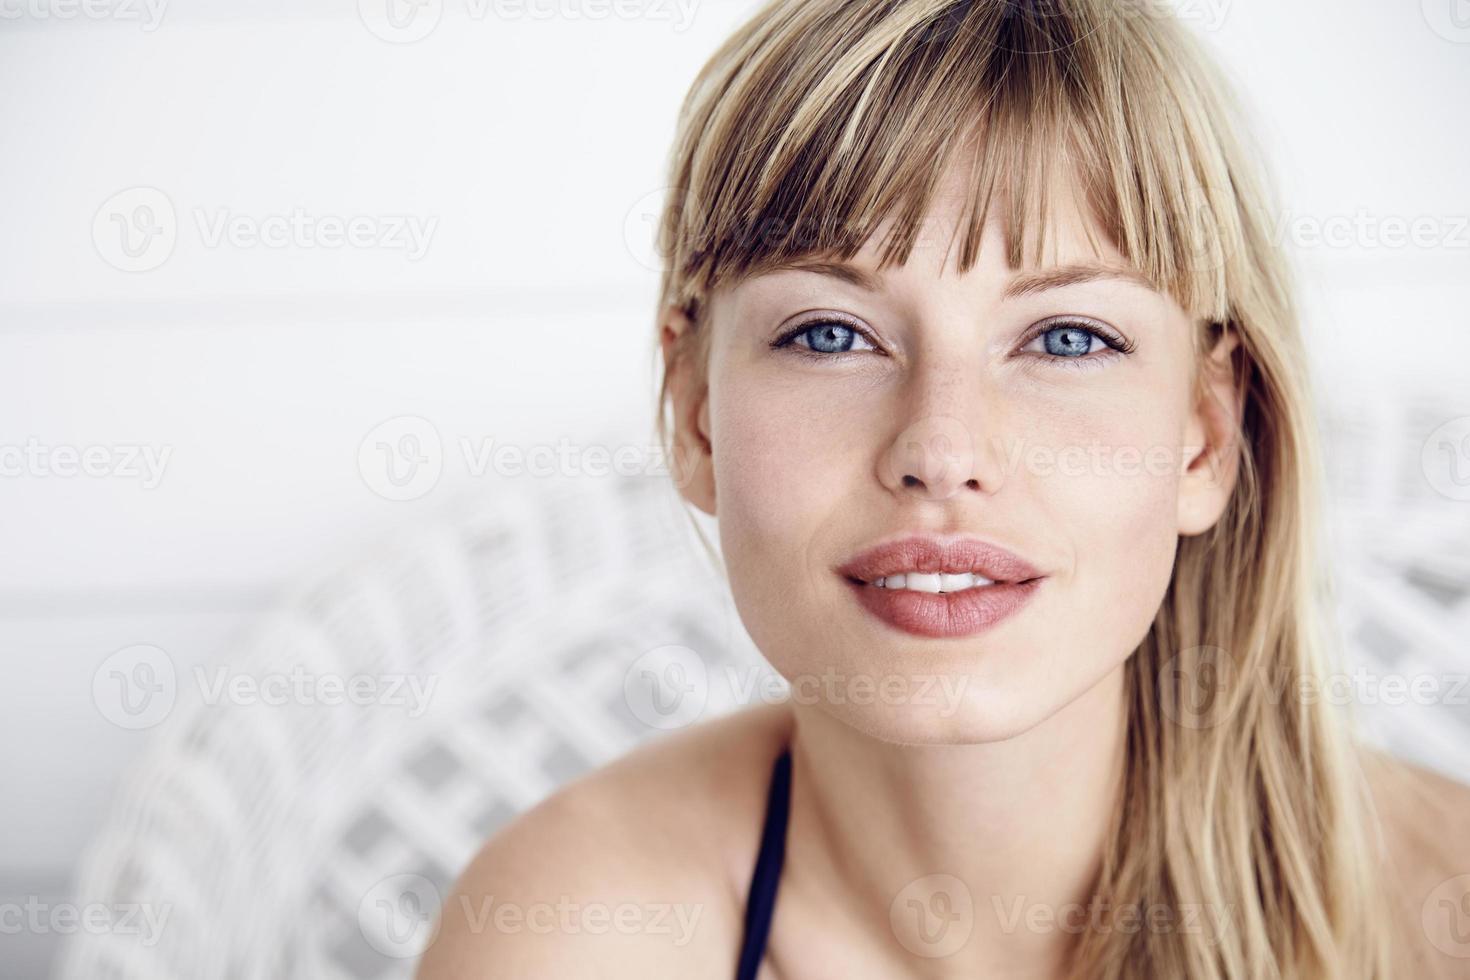 Beautiful woman in portrait photo